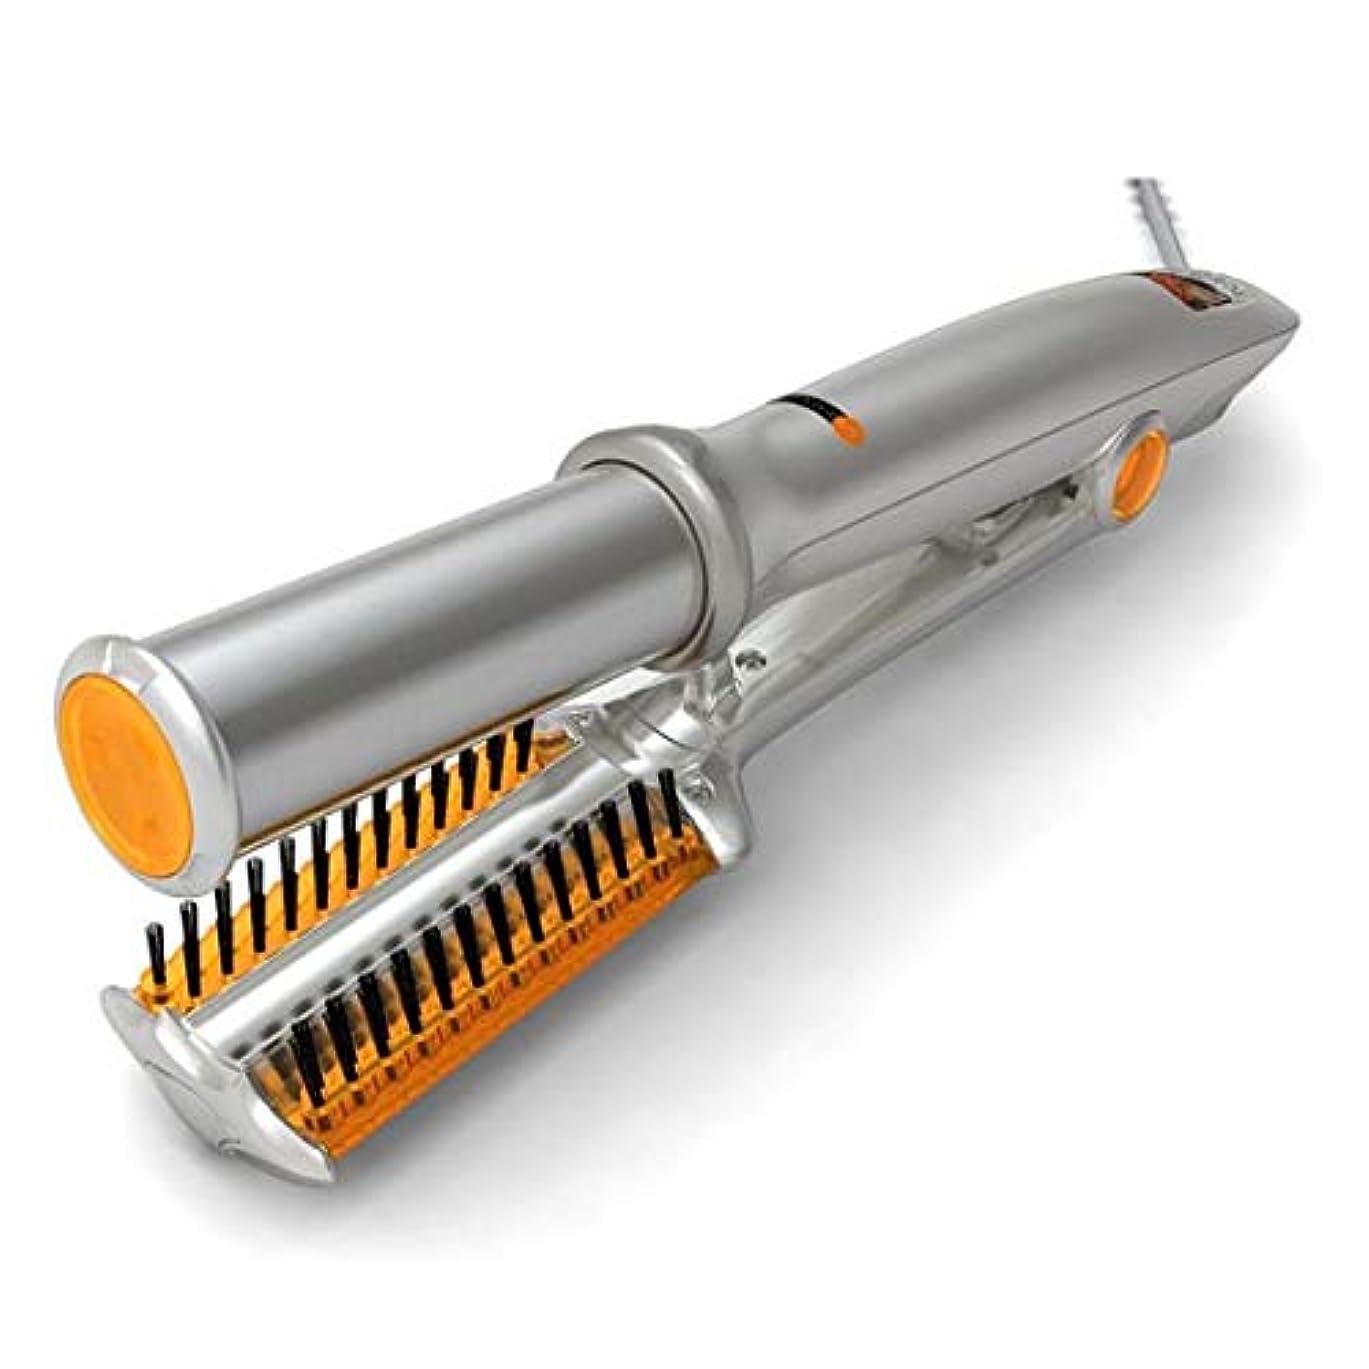 ソビエトギャロップ減らす2PCSヘアドライヤー熱風ブラシヘアドライヤースタイリングくしマイナスイオンサロンストレートヘアアイロンおよびカーラーブラシアンチスカルド